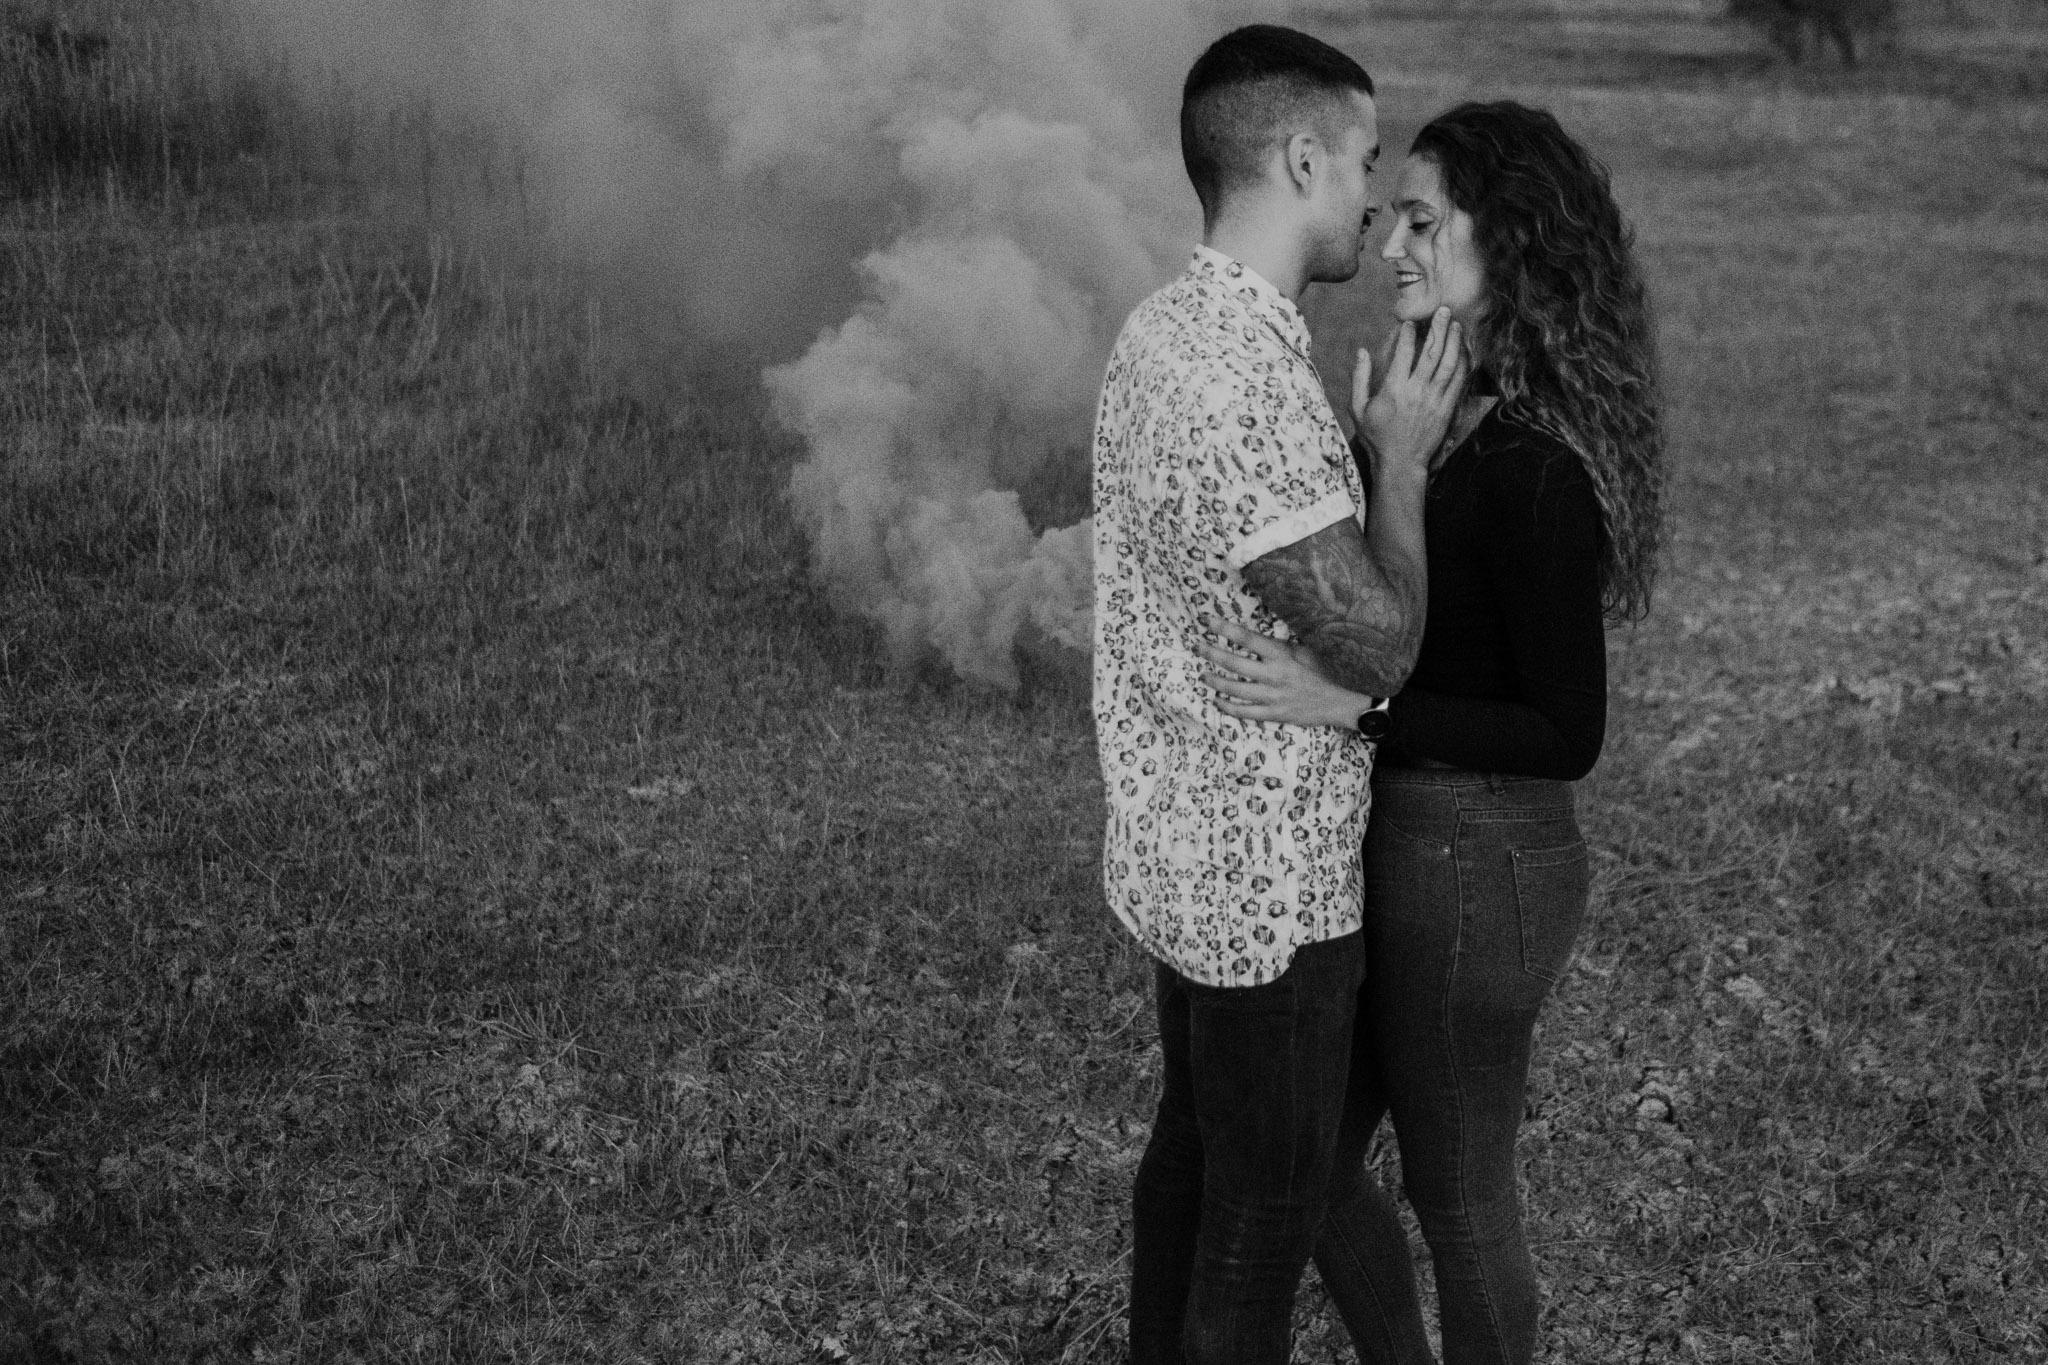 Diego&Lola_DFW_Wedding_Photography_32.jpg